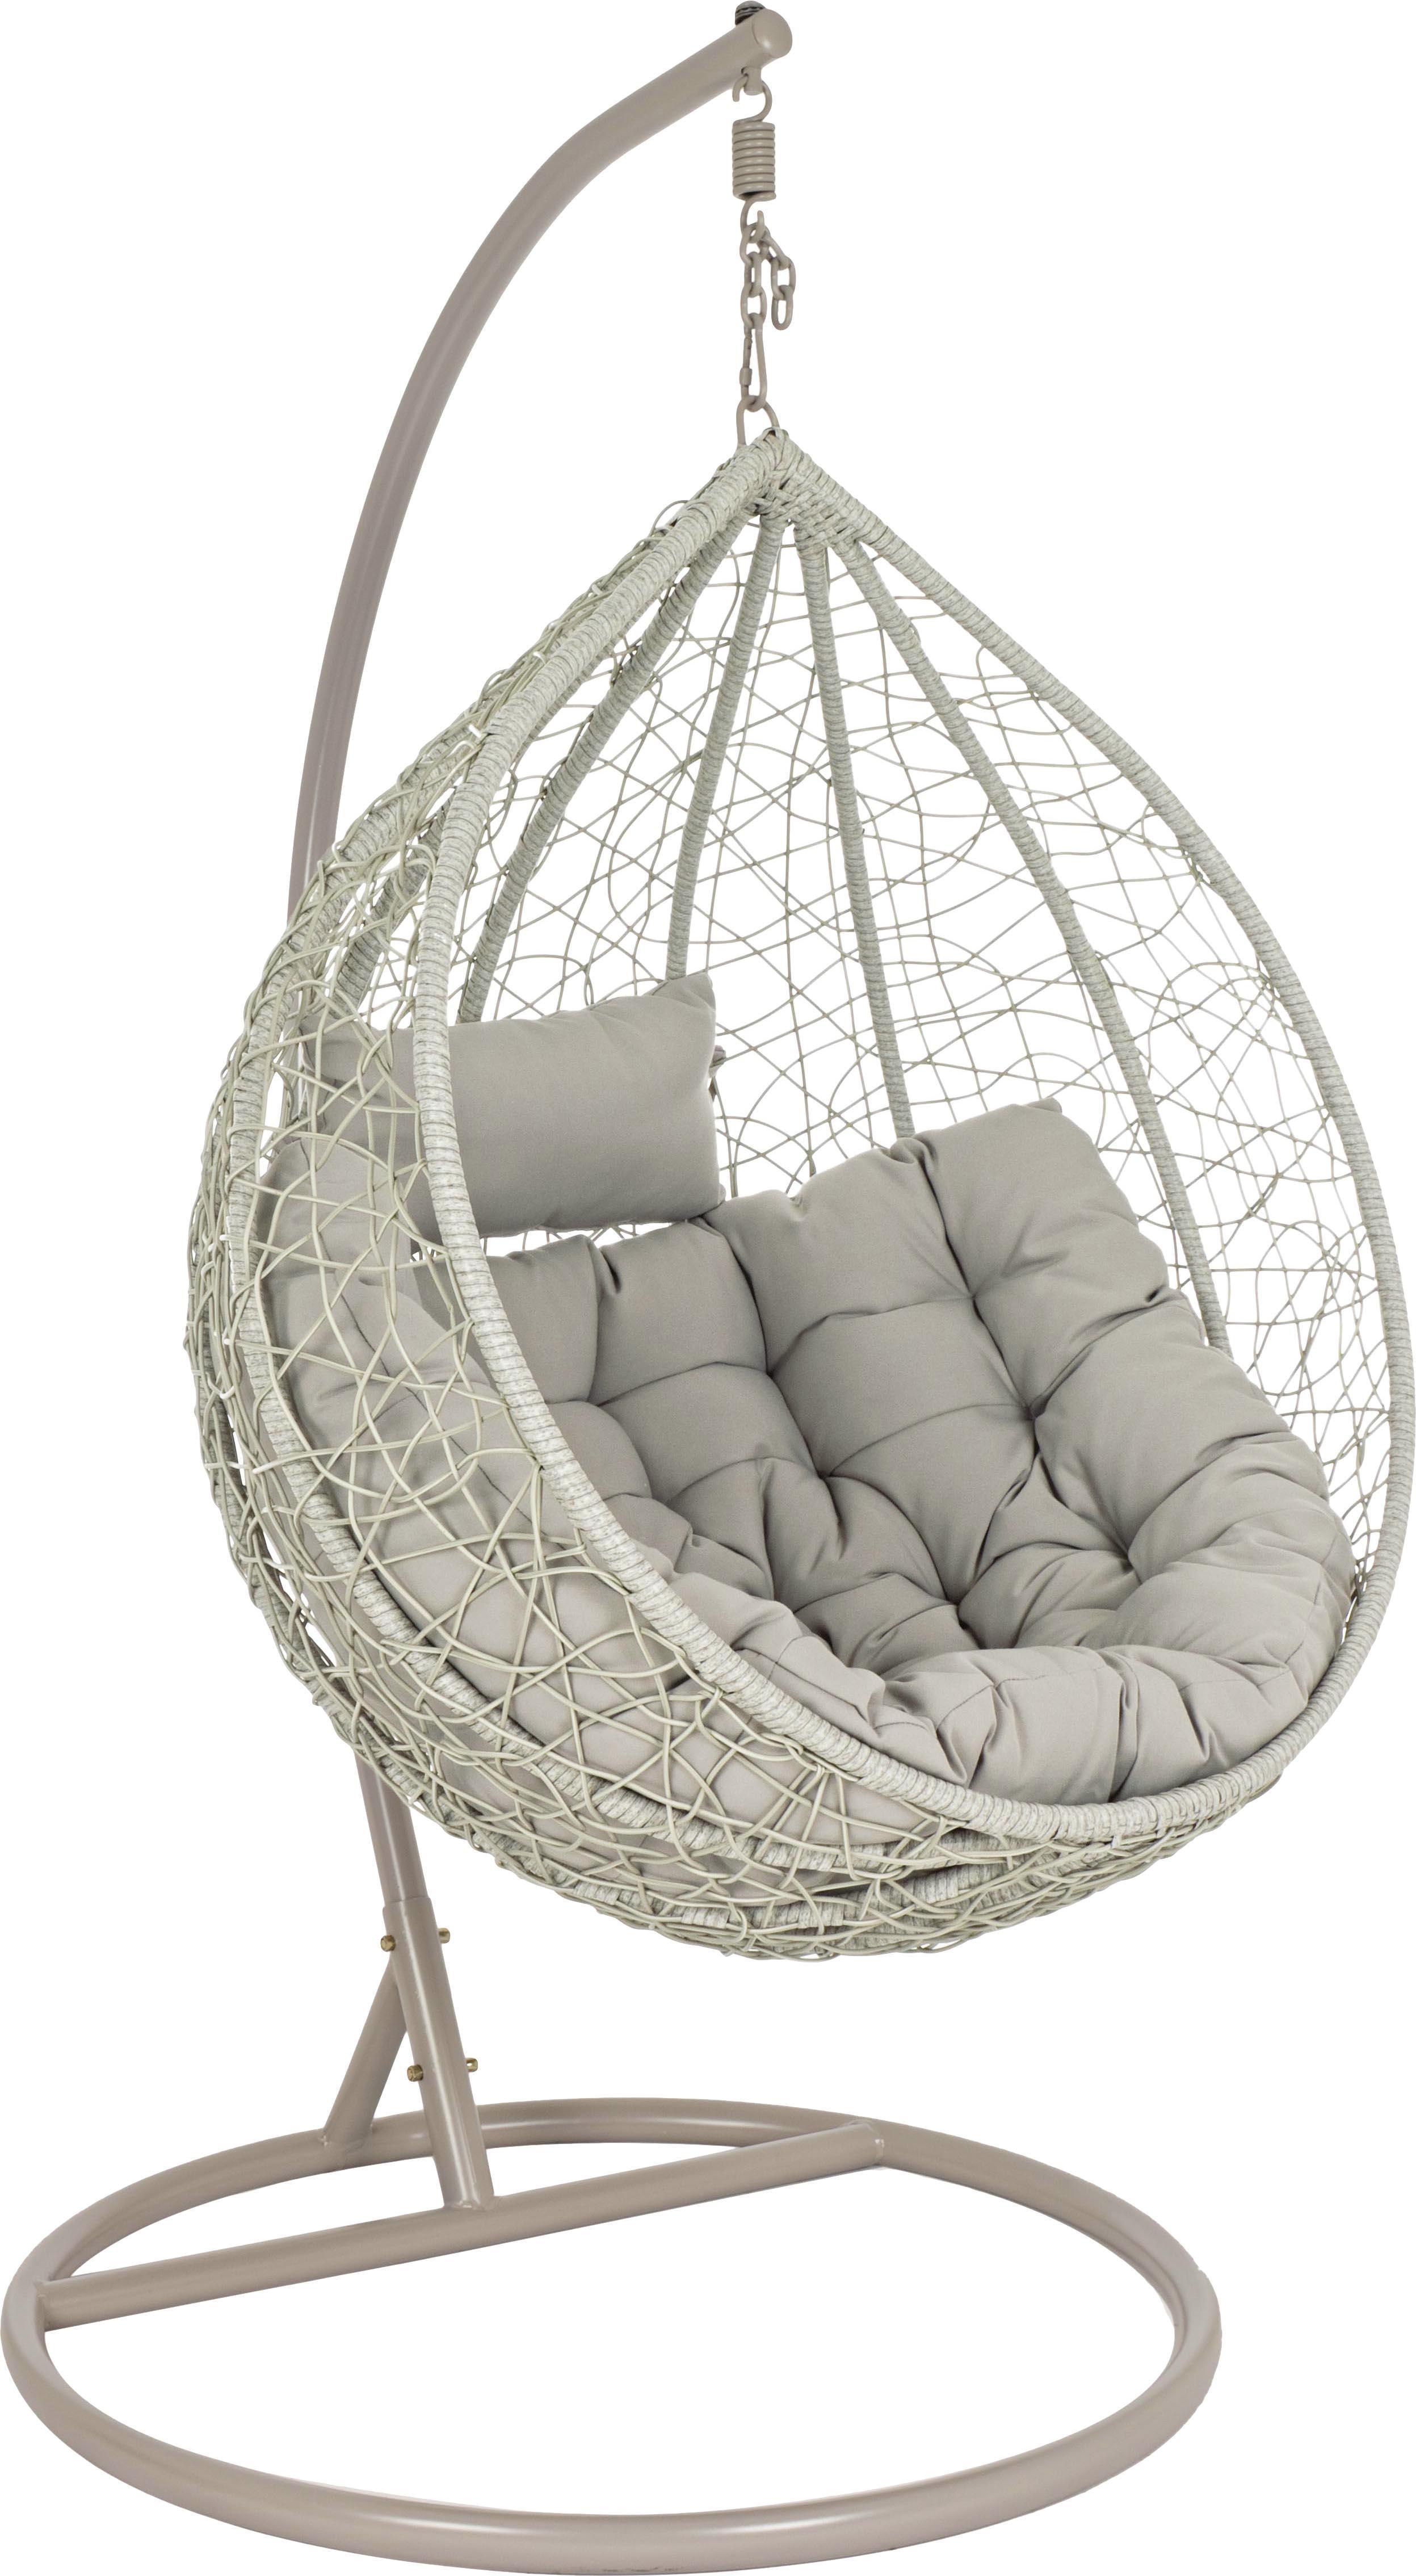 Hangstoel Amirantes met metalen frame, Frame: gepoedercoat staal, Zitvlak: synthetische vezels, Bekleding: polyester, Grijs, crèmewit, Ø 105 x H 198 cm